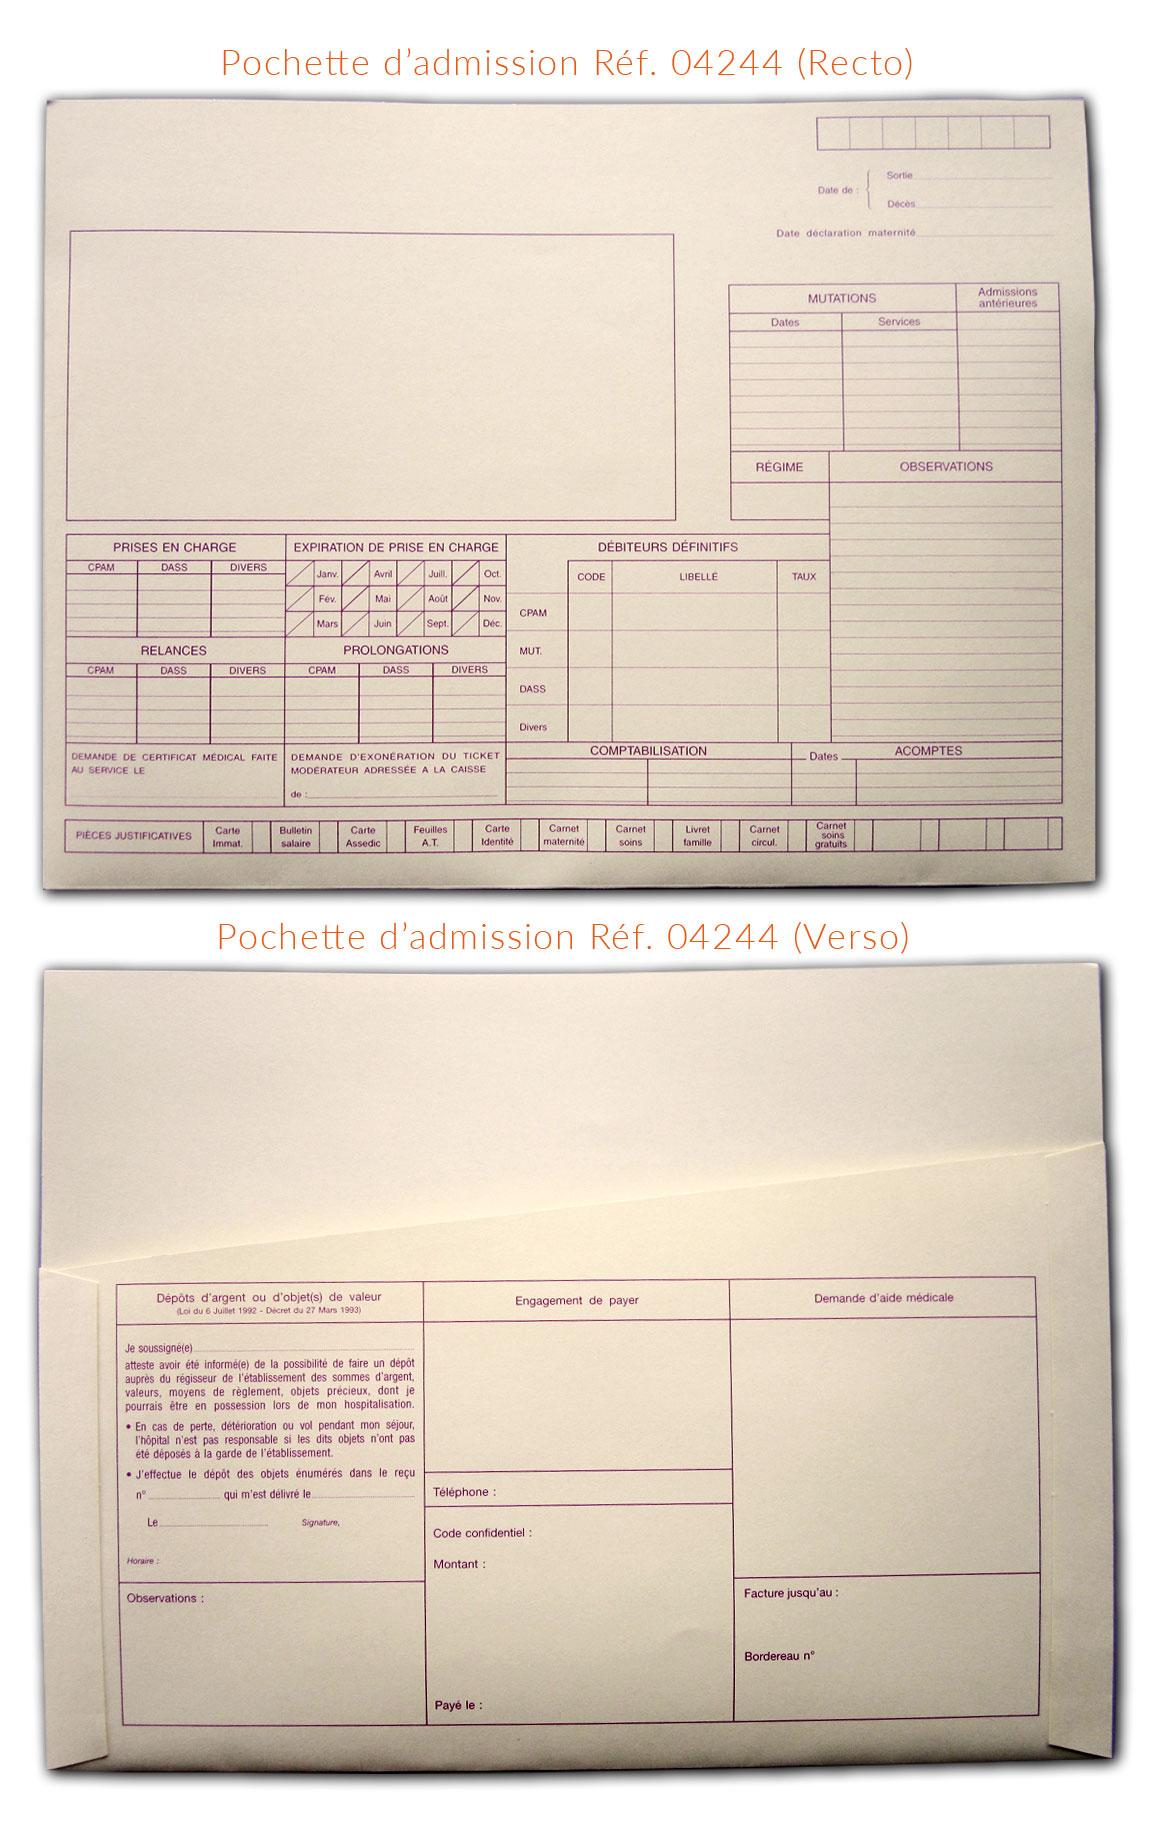 Image de la pochette d'admission pour les patients hospitalisés